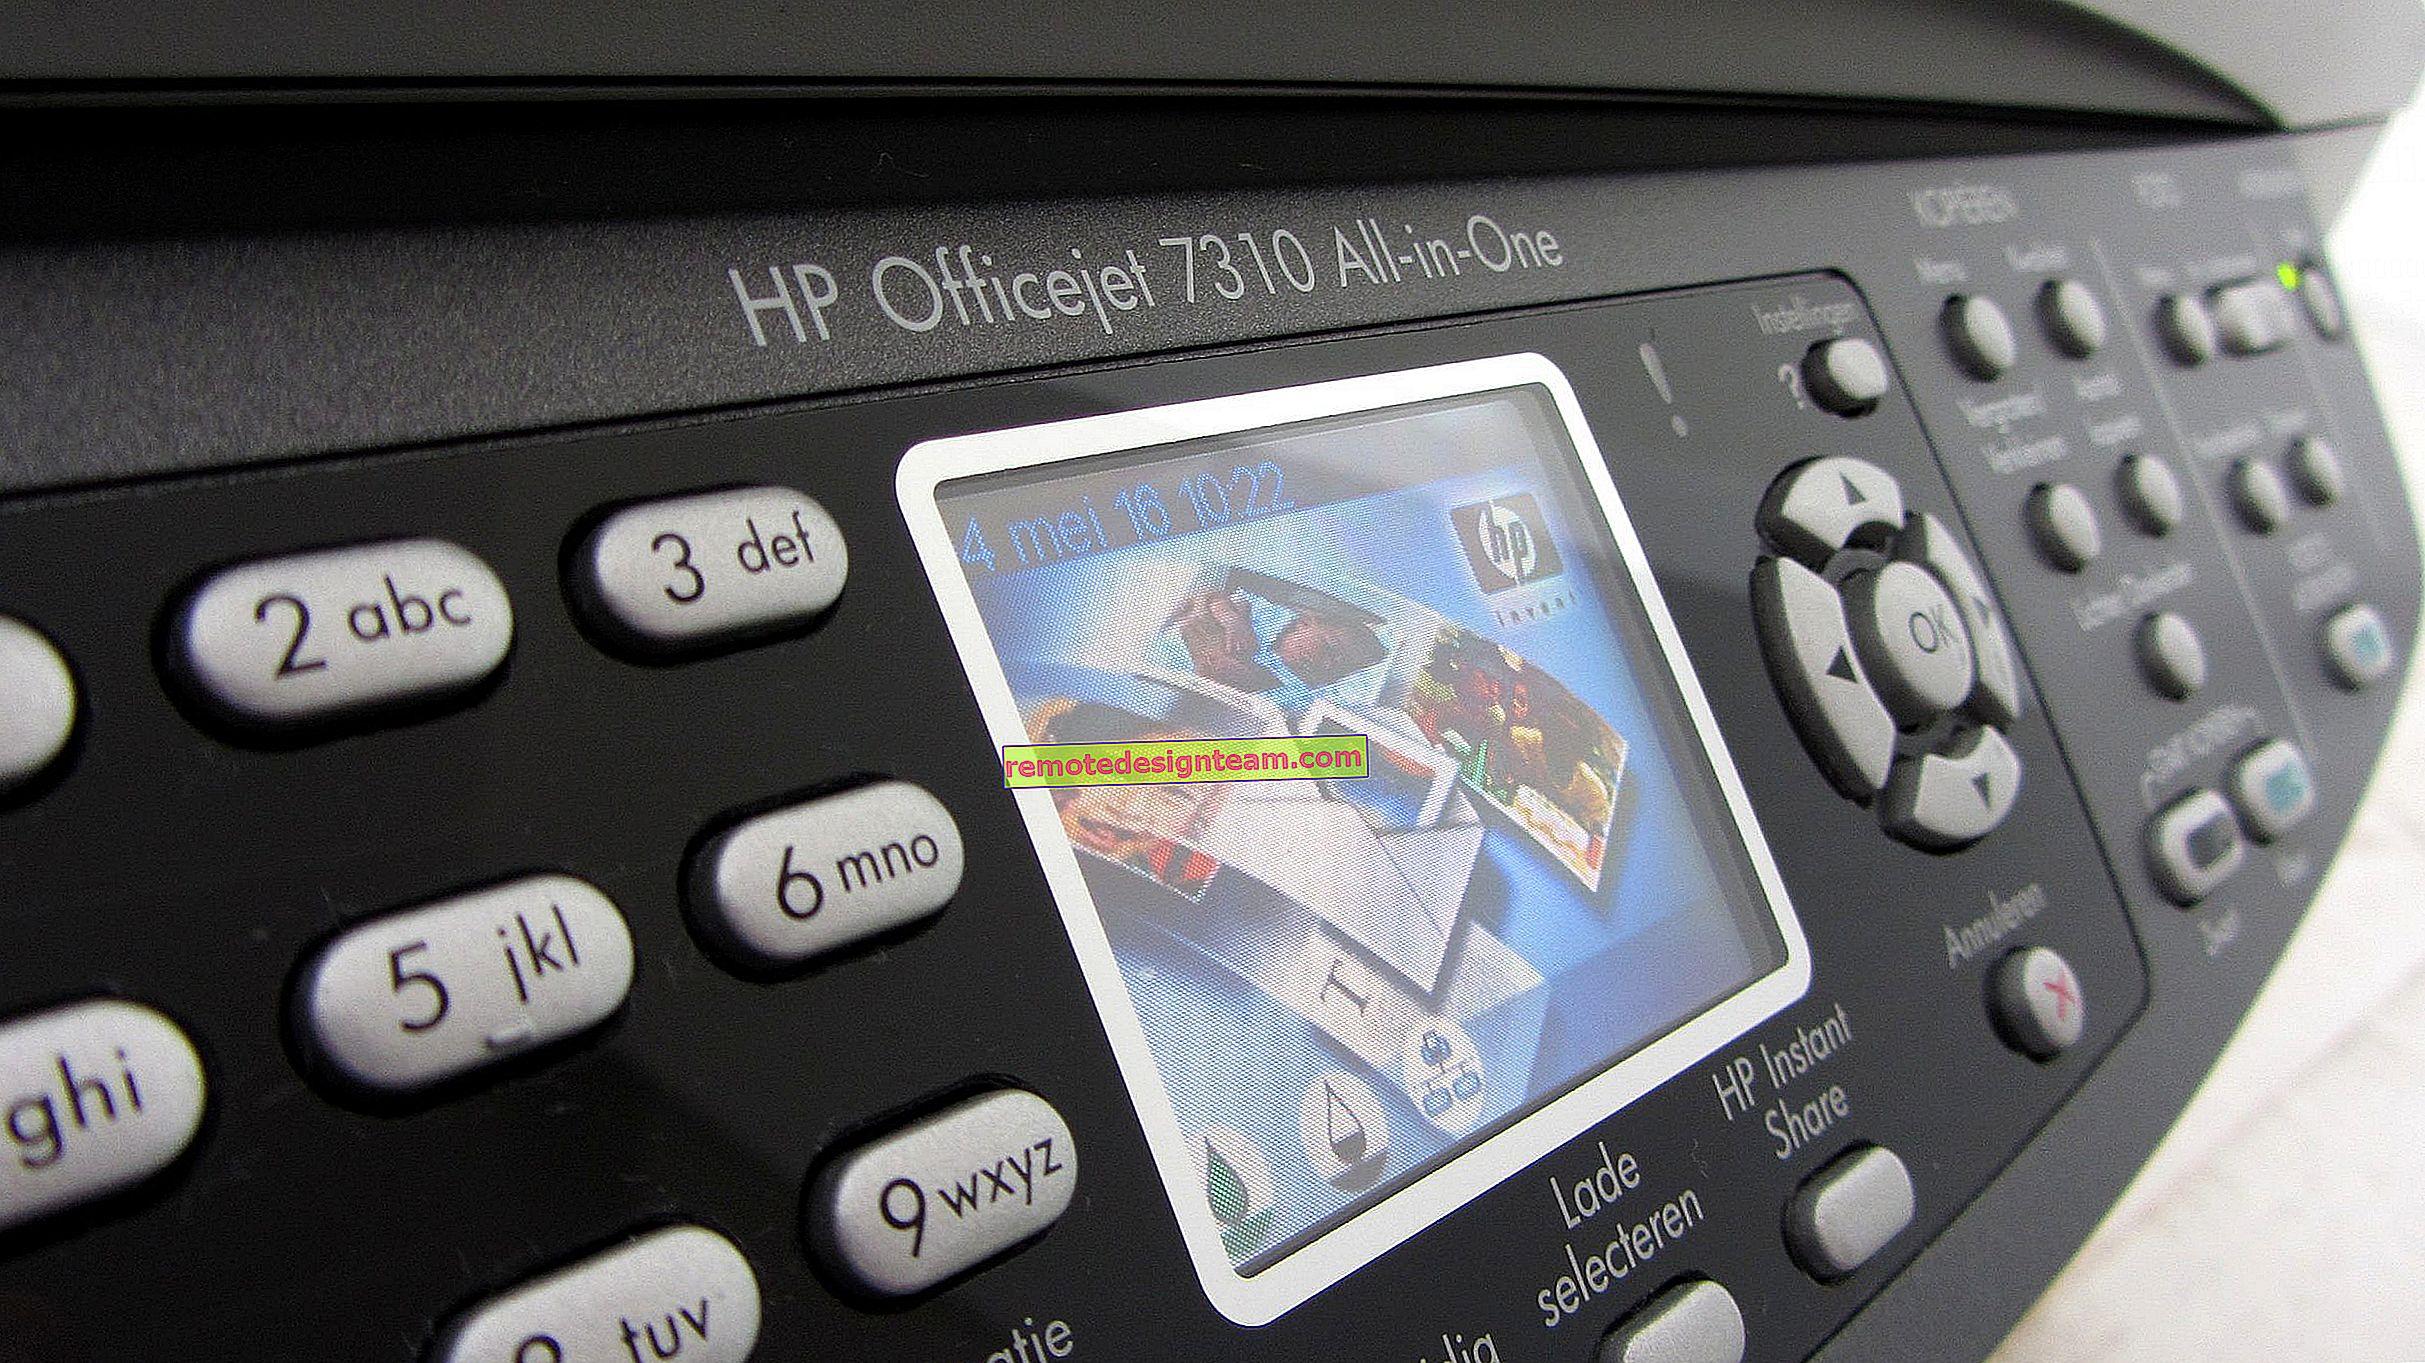 Як підключити принтер до Wi-Fi, якщо немає кнопки WPS на маршрутизаторі?